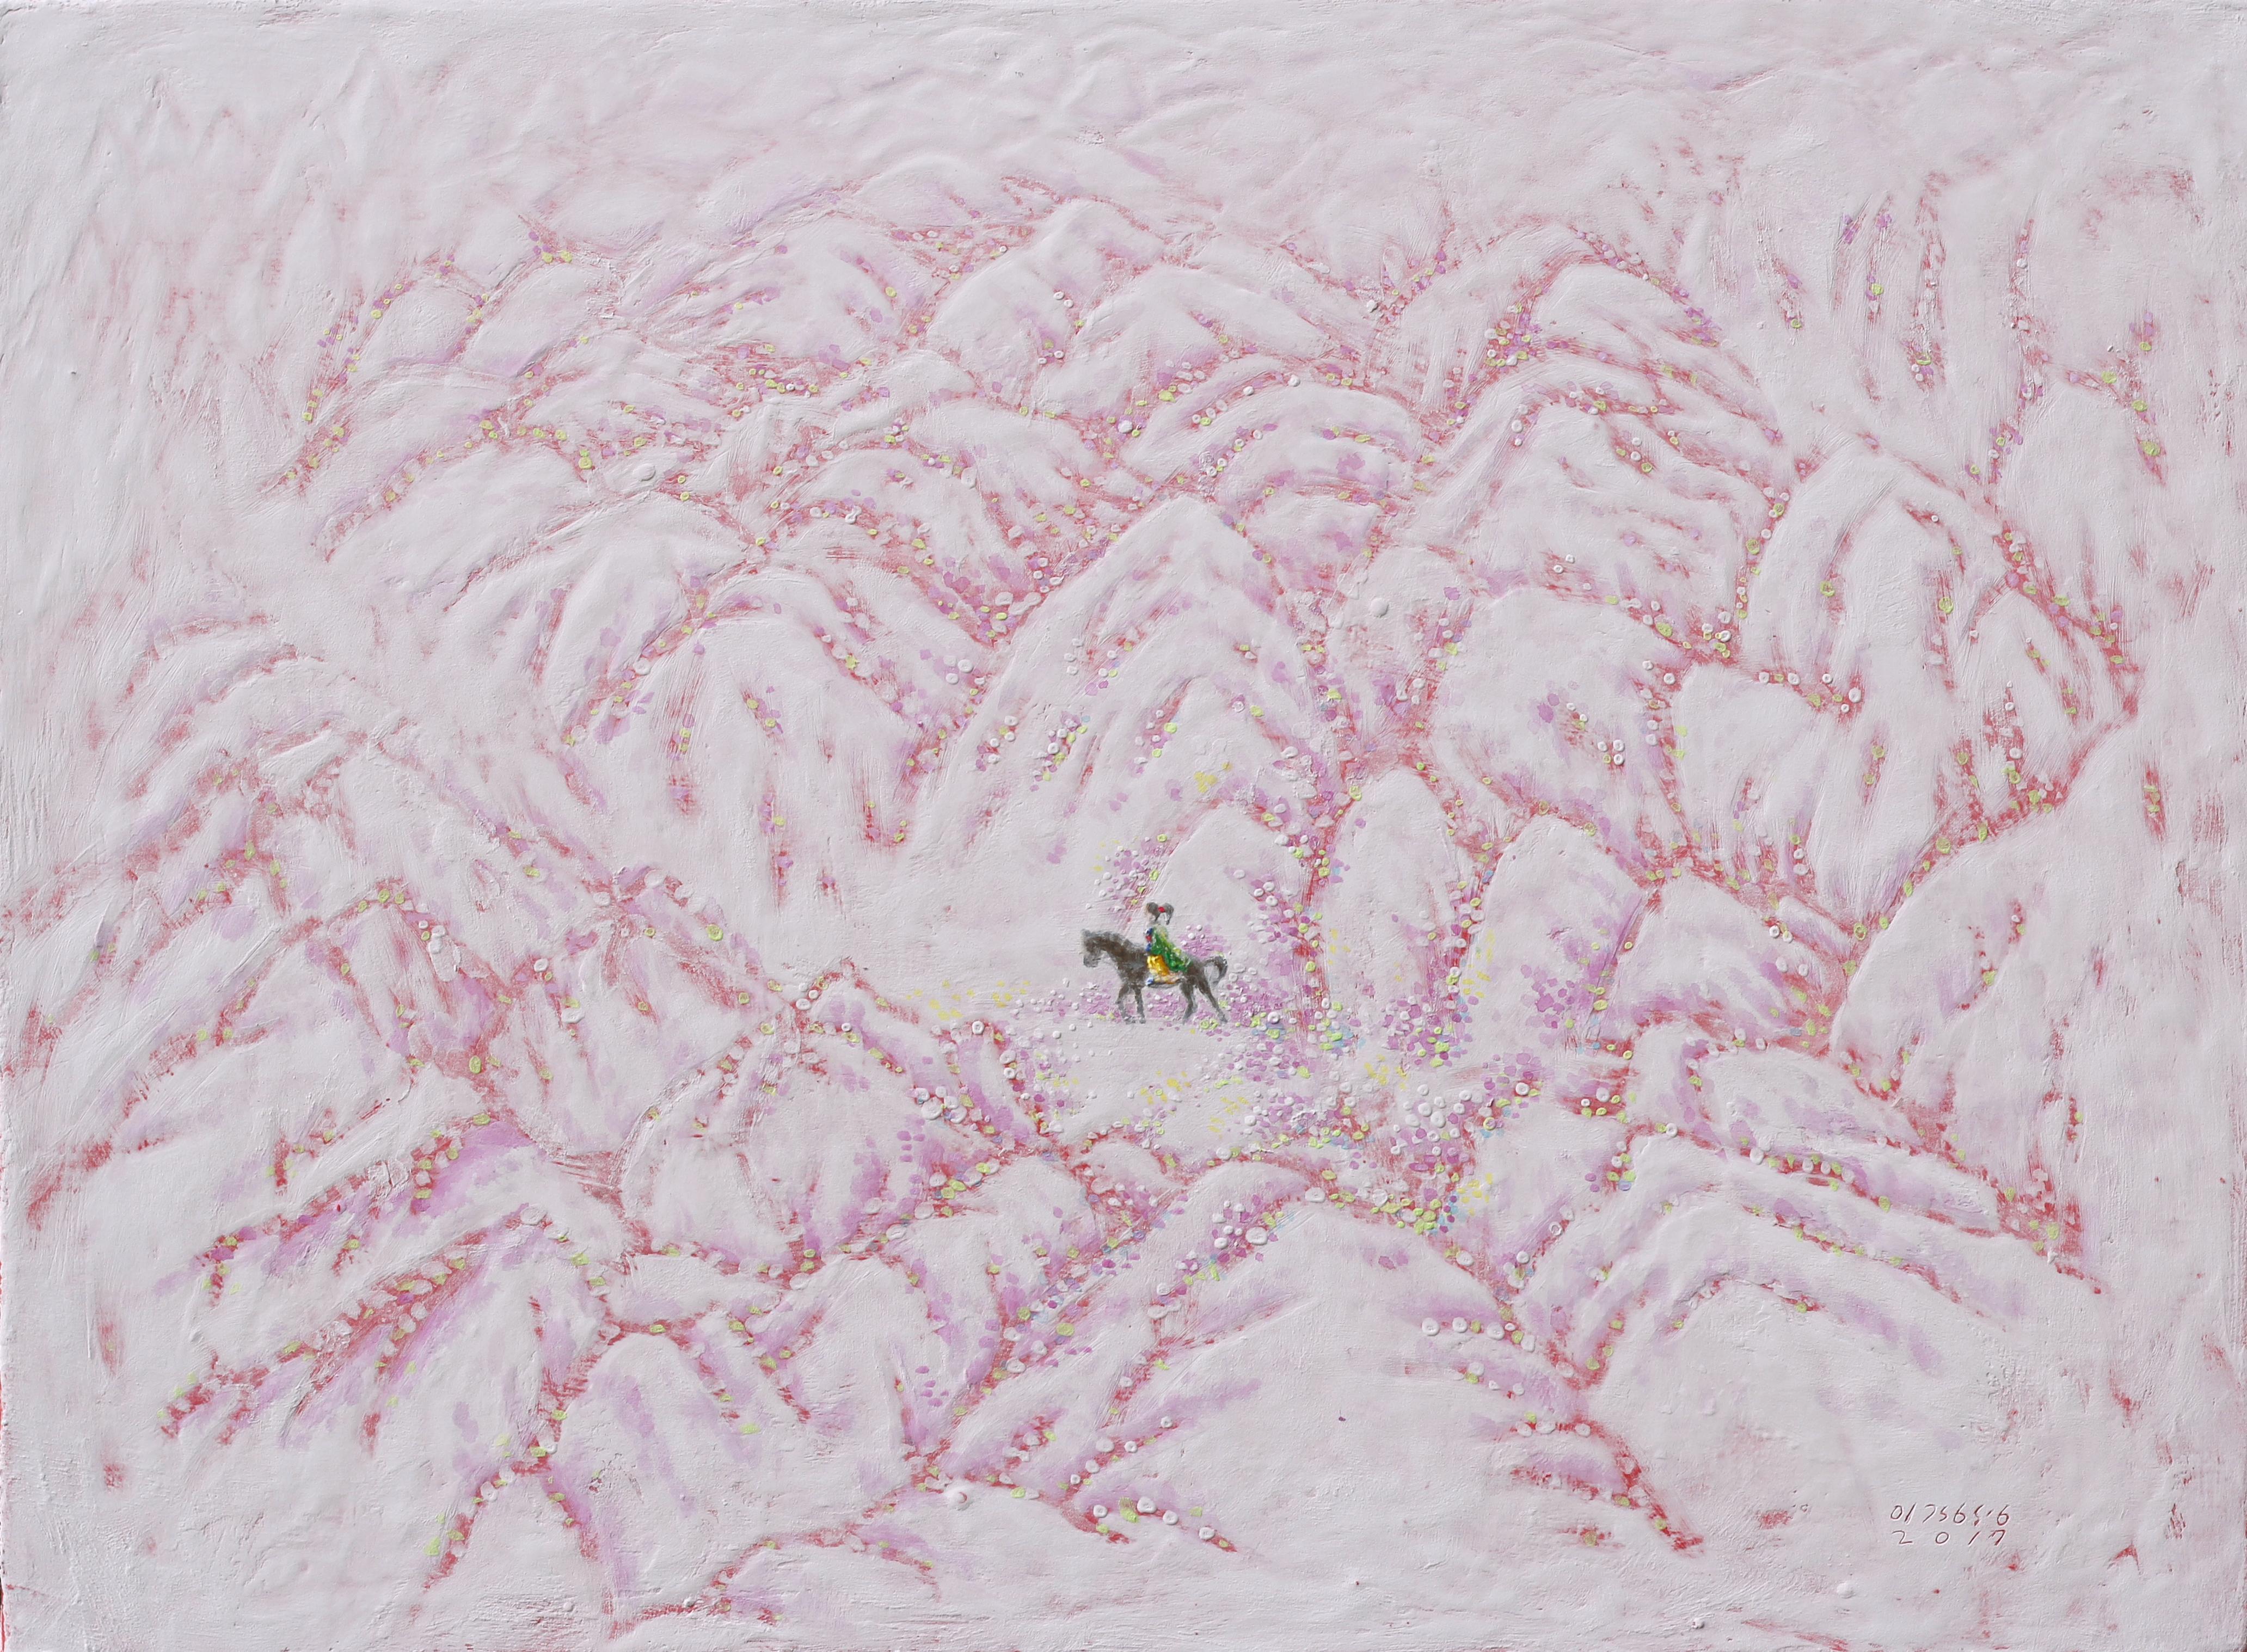 이경성004, 종이부시(終而復始)- 끝난 자리에서 다시 시작하다, 45.5 x 33.4cm, 캔버스 위에 소멸 침식 기법, 2017년